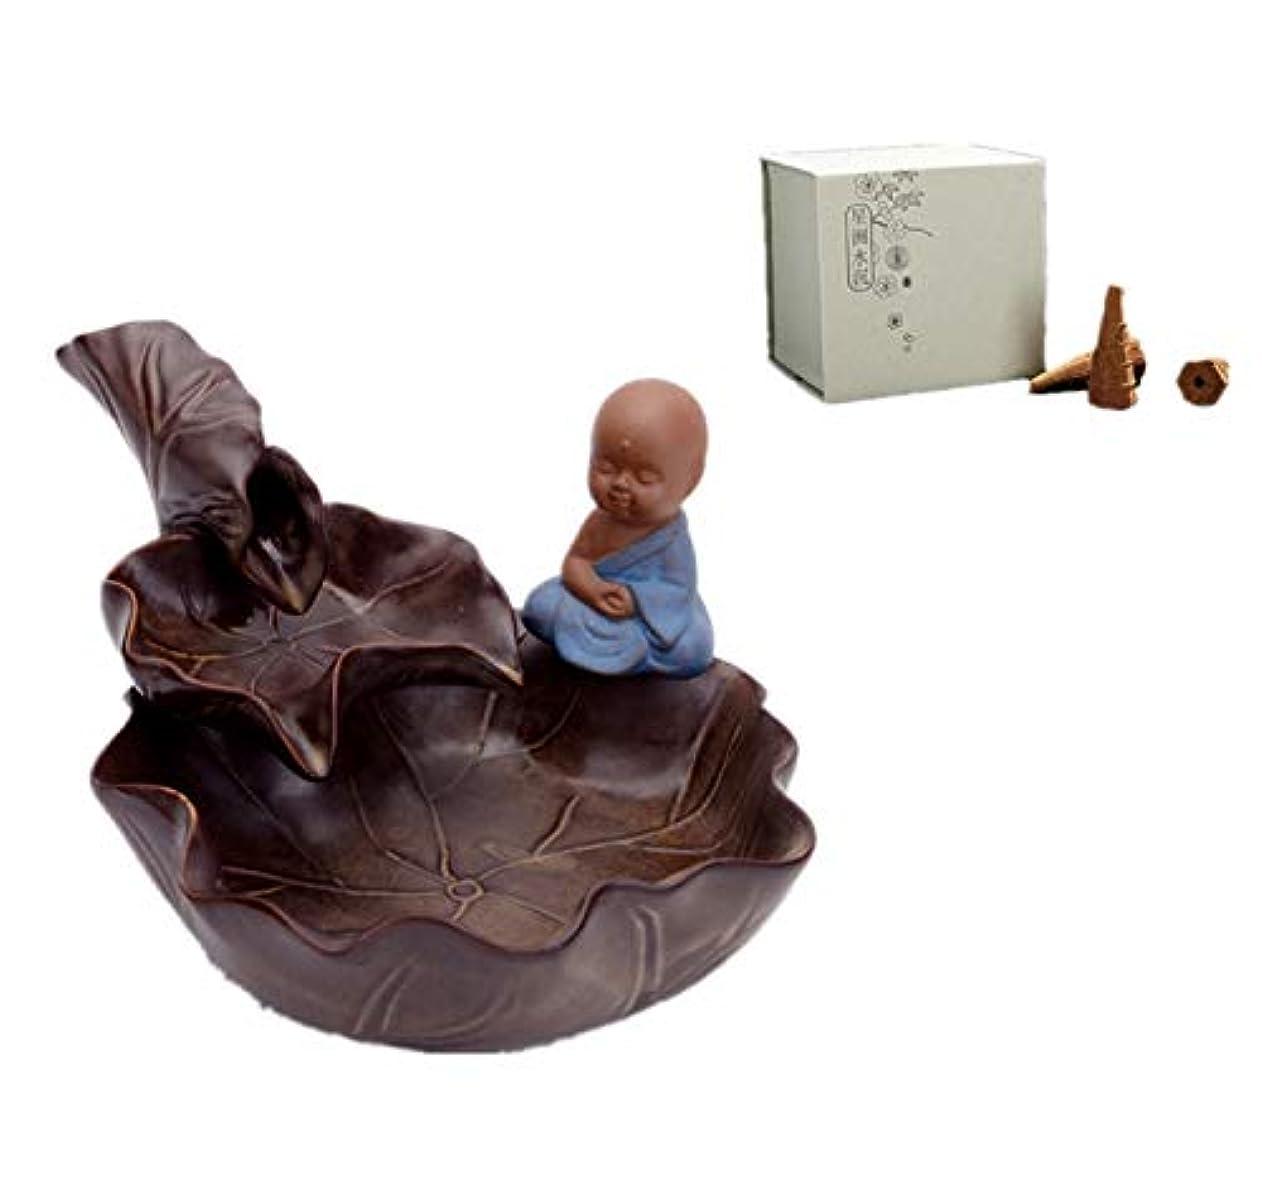 クルーズスタウト海洋のXPPXPP Reflux Incense Burner With 40 Reflux Cones, Household Ceramic Reflux Cone-Shaped Candlestick Burner